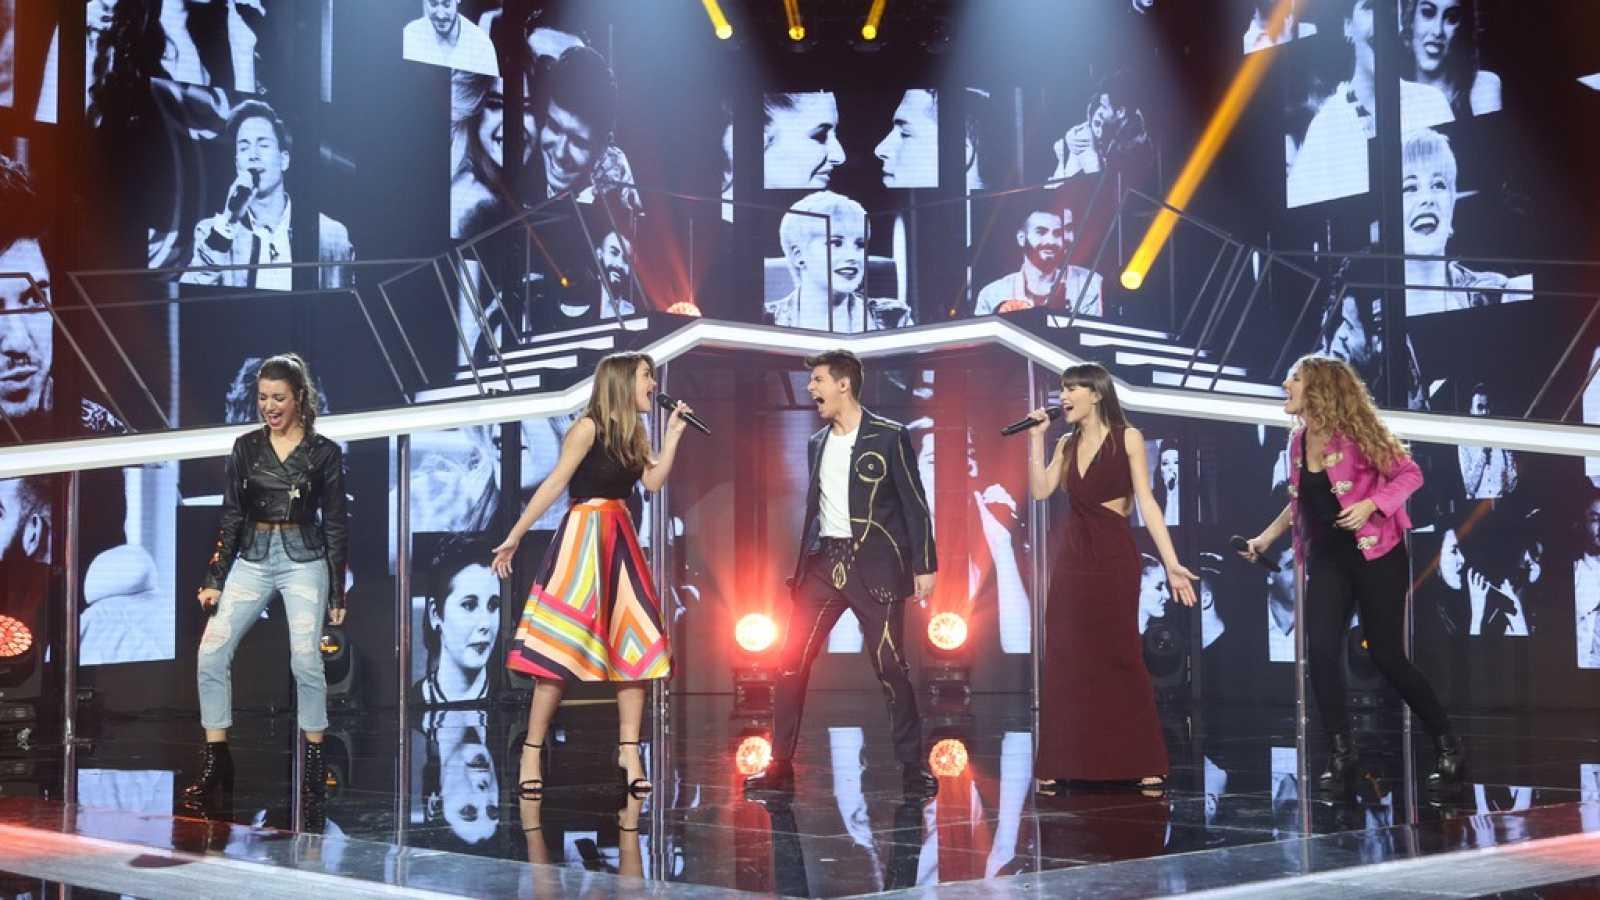 Operación Triunfo - Canción grupal de la Gala Eurovisión de OT: 'Camina'